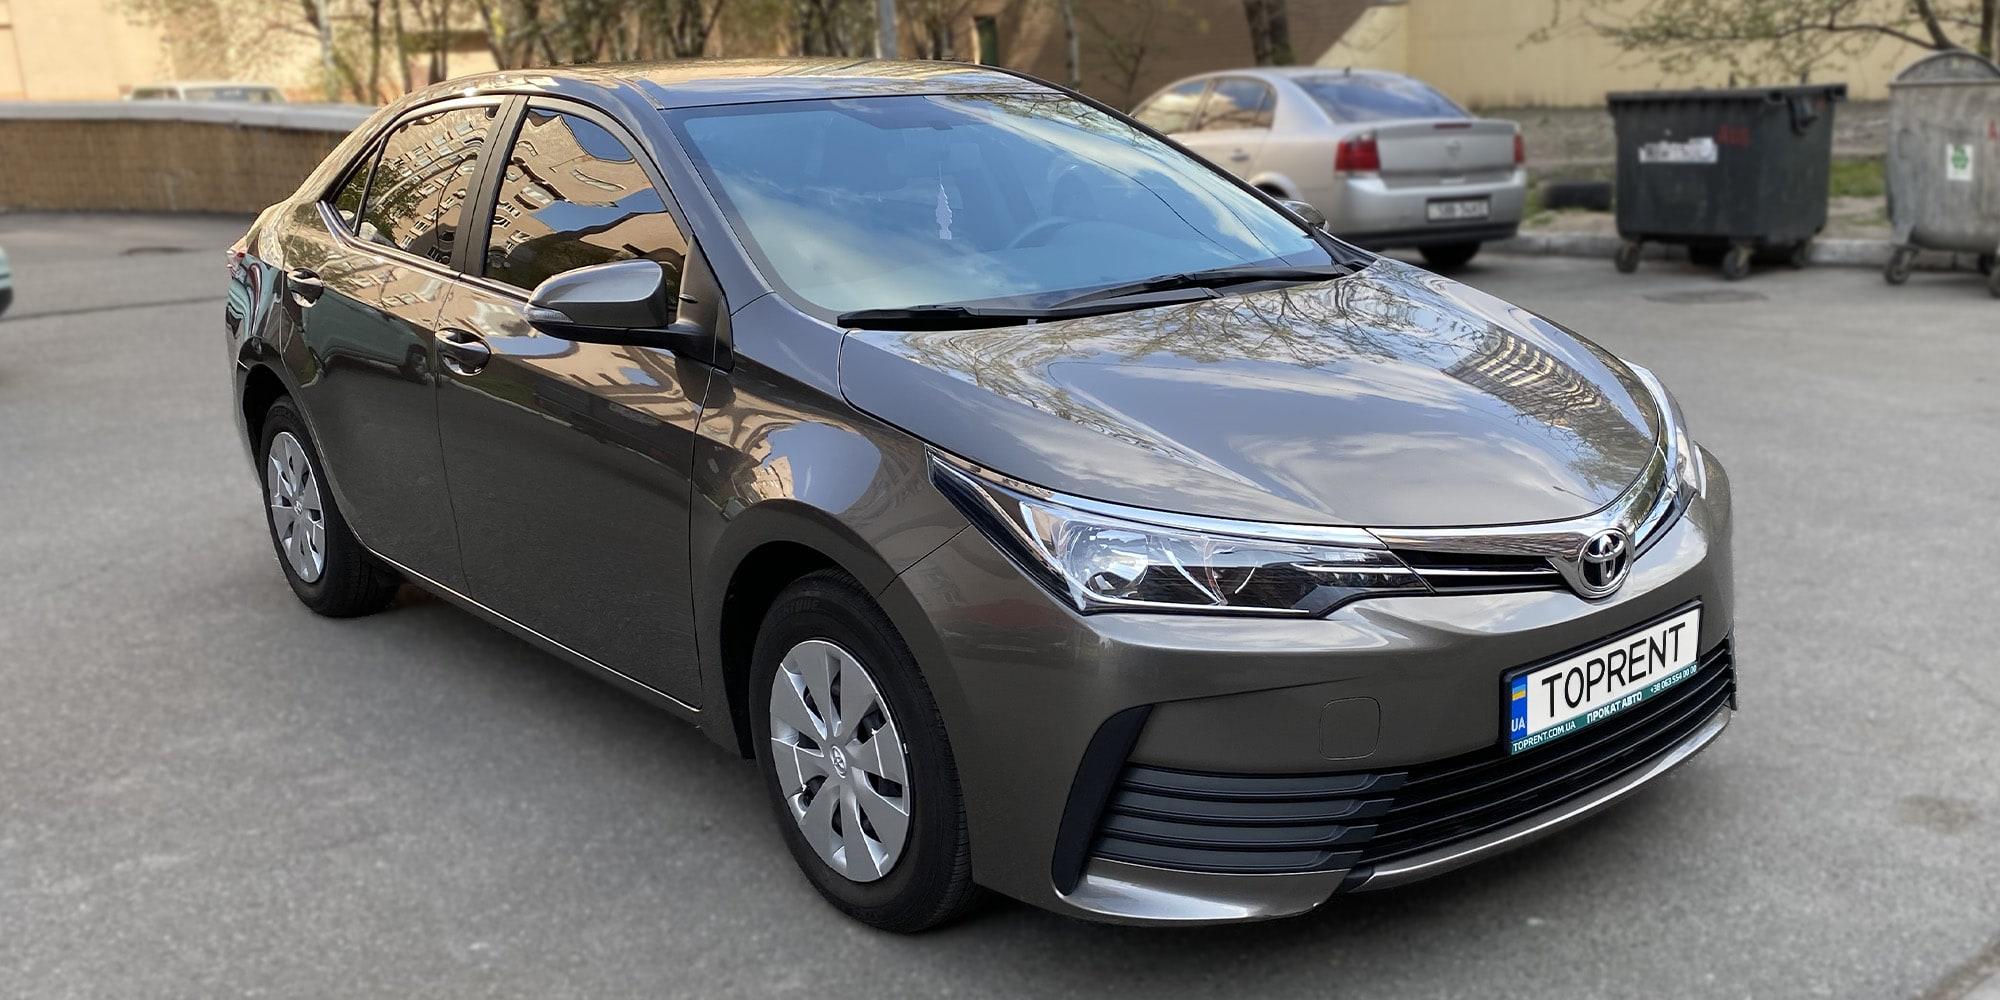 Прокат и аренда авто Toyota Corolla 2018 - фото 2 | TOPrent.ua